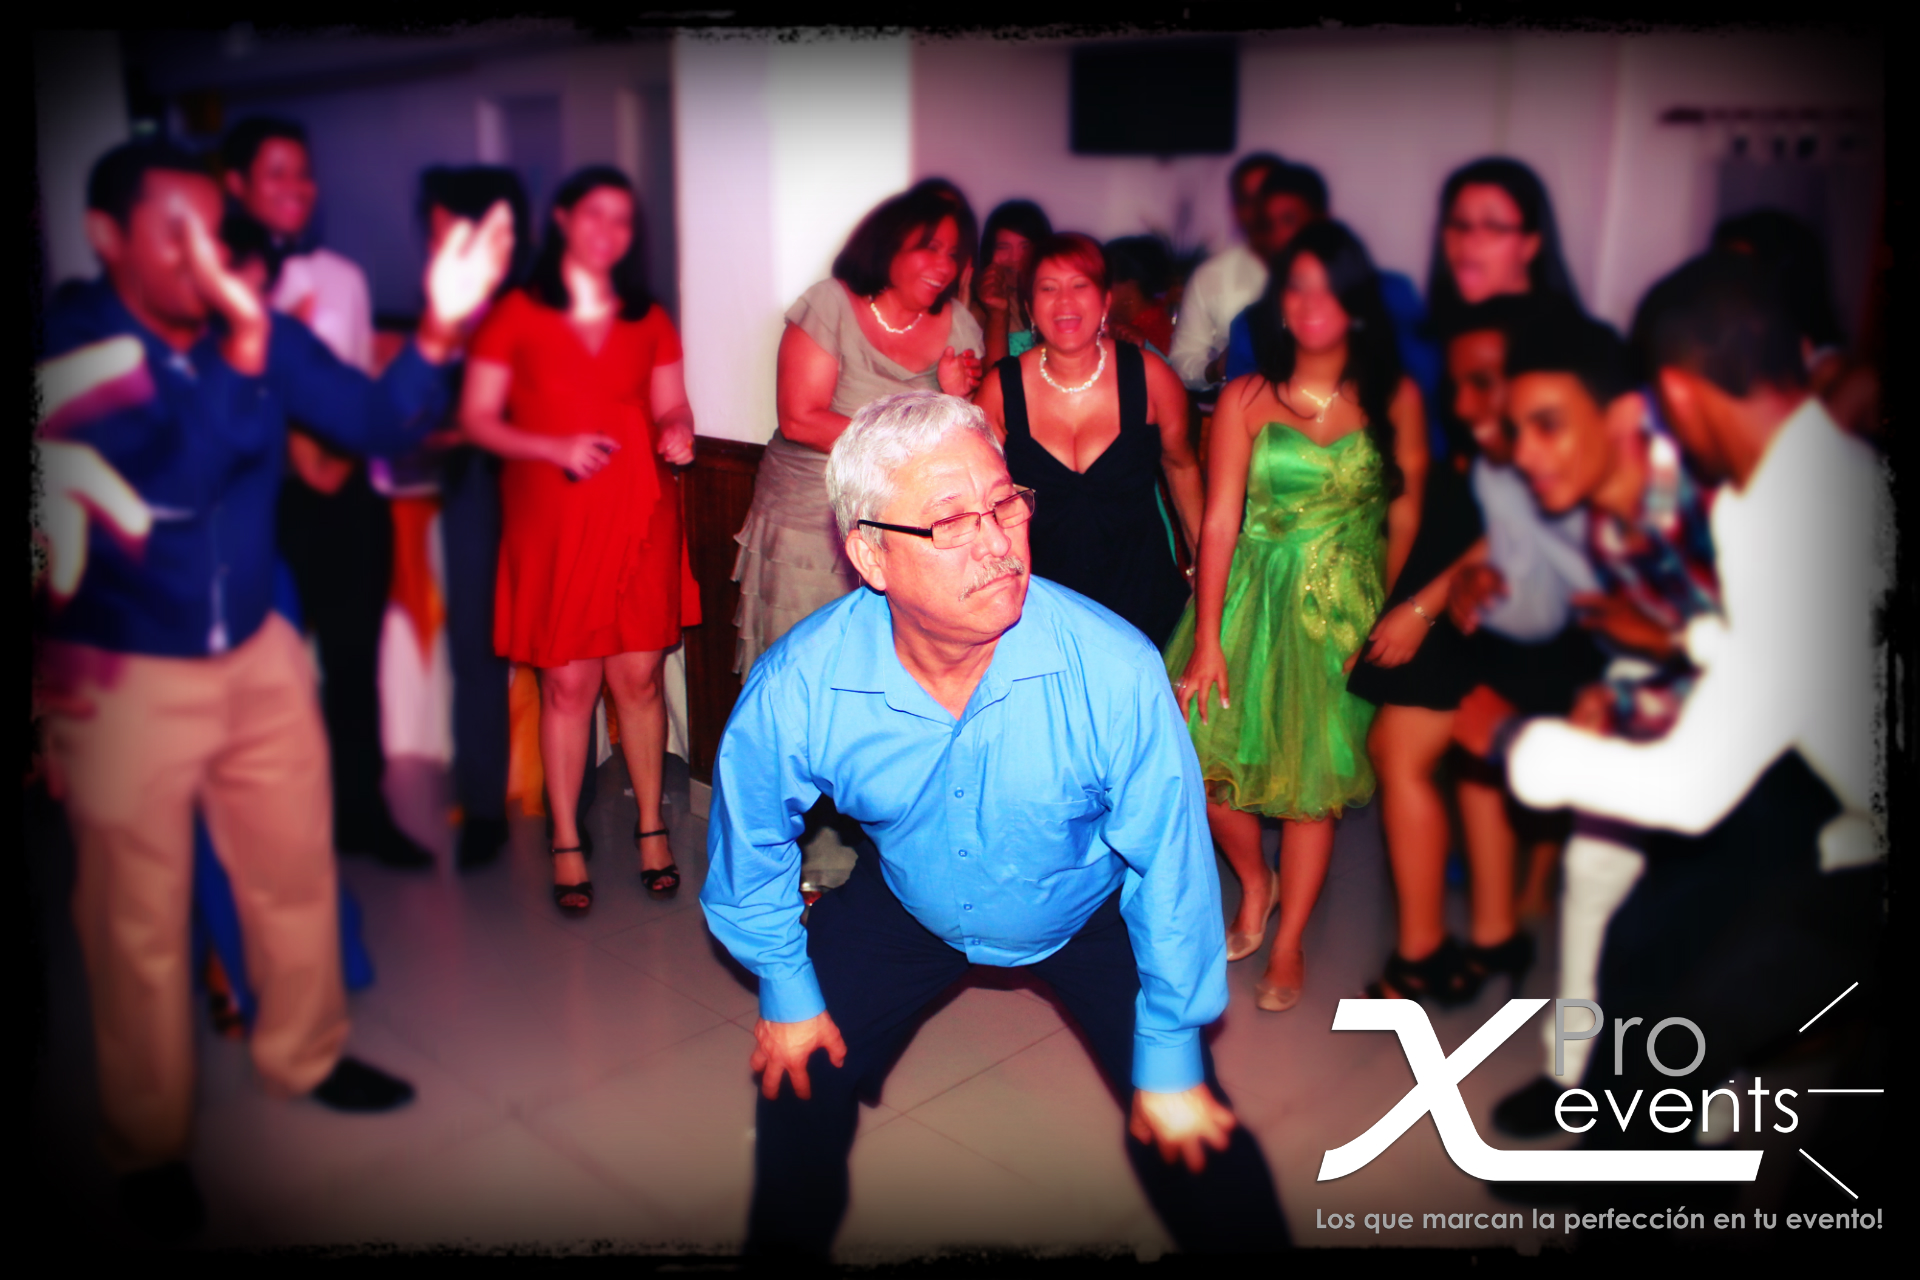 www.Xproevents.com - Toda la familia a disfrutar con X Pro events.JPG